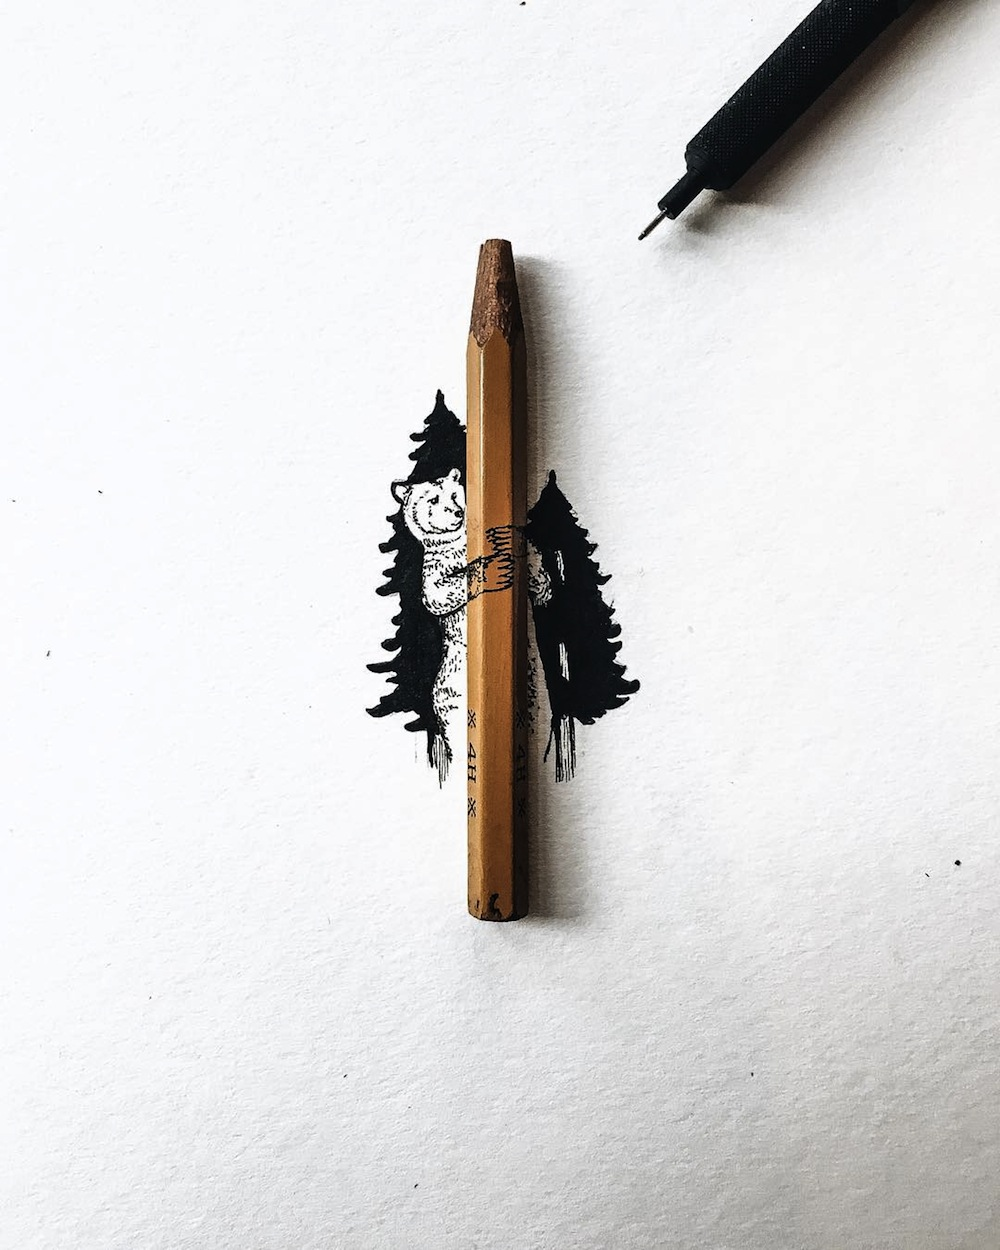 disegni-miniatura-inchiostro-christian-watson-02